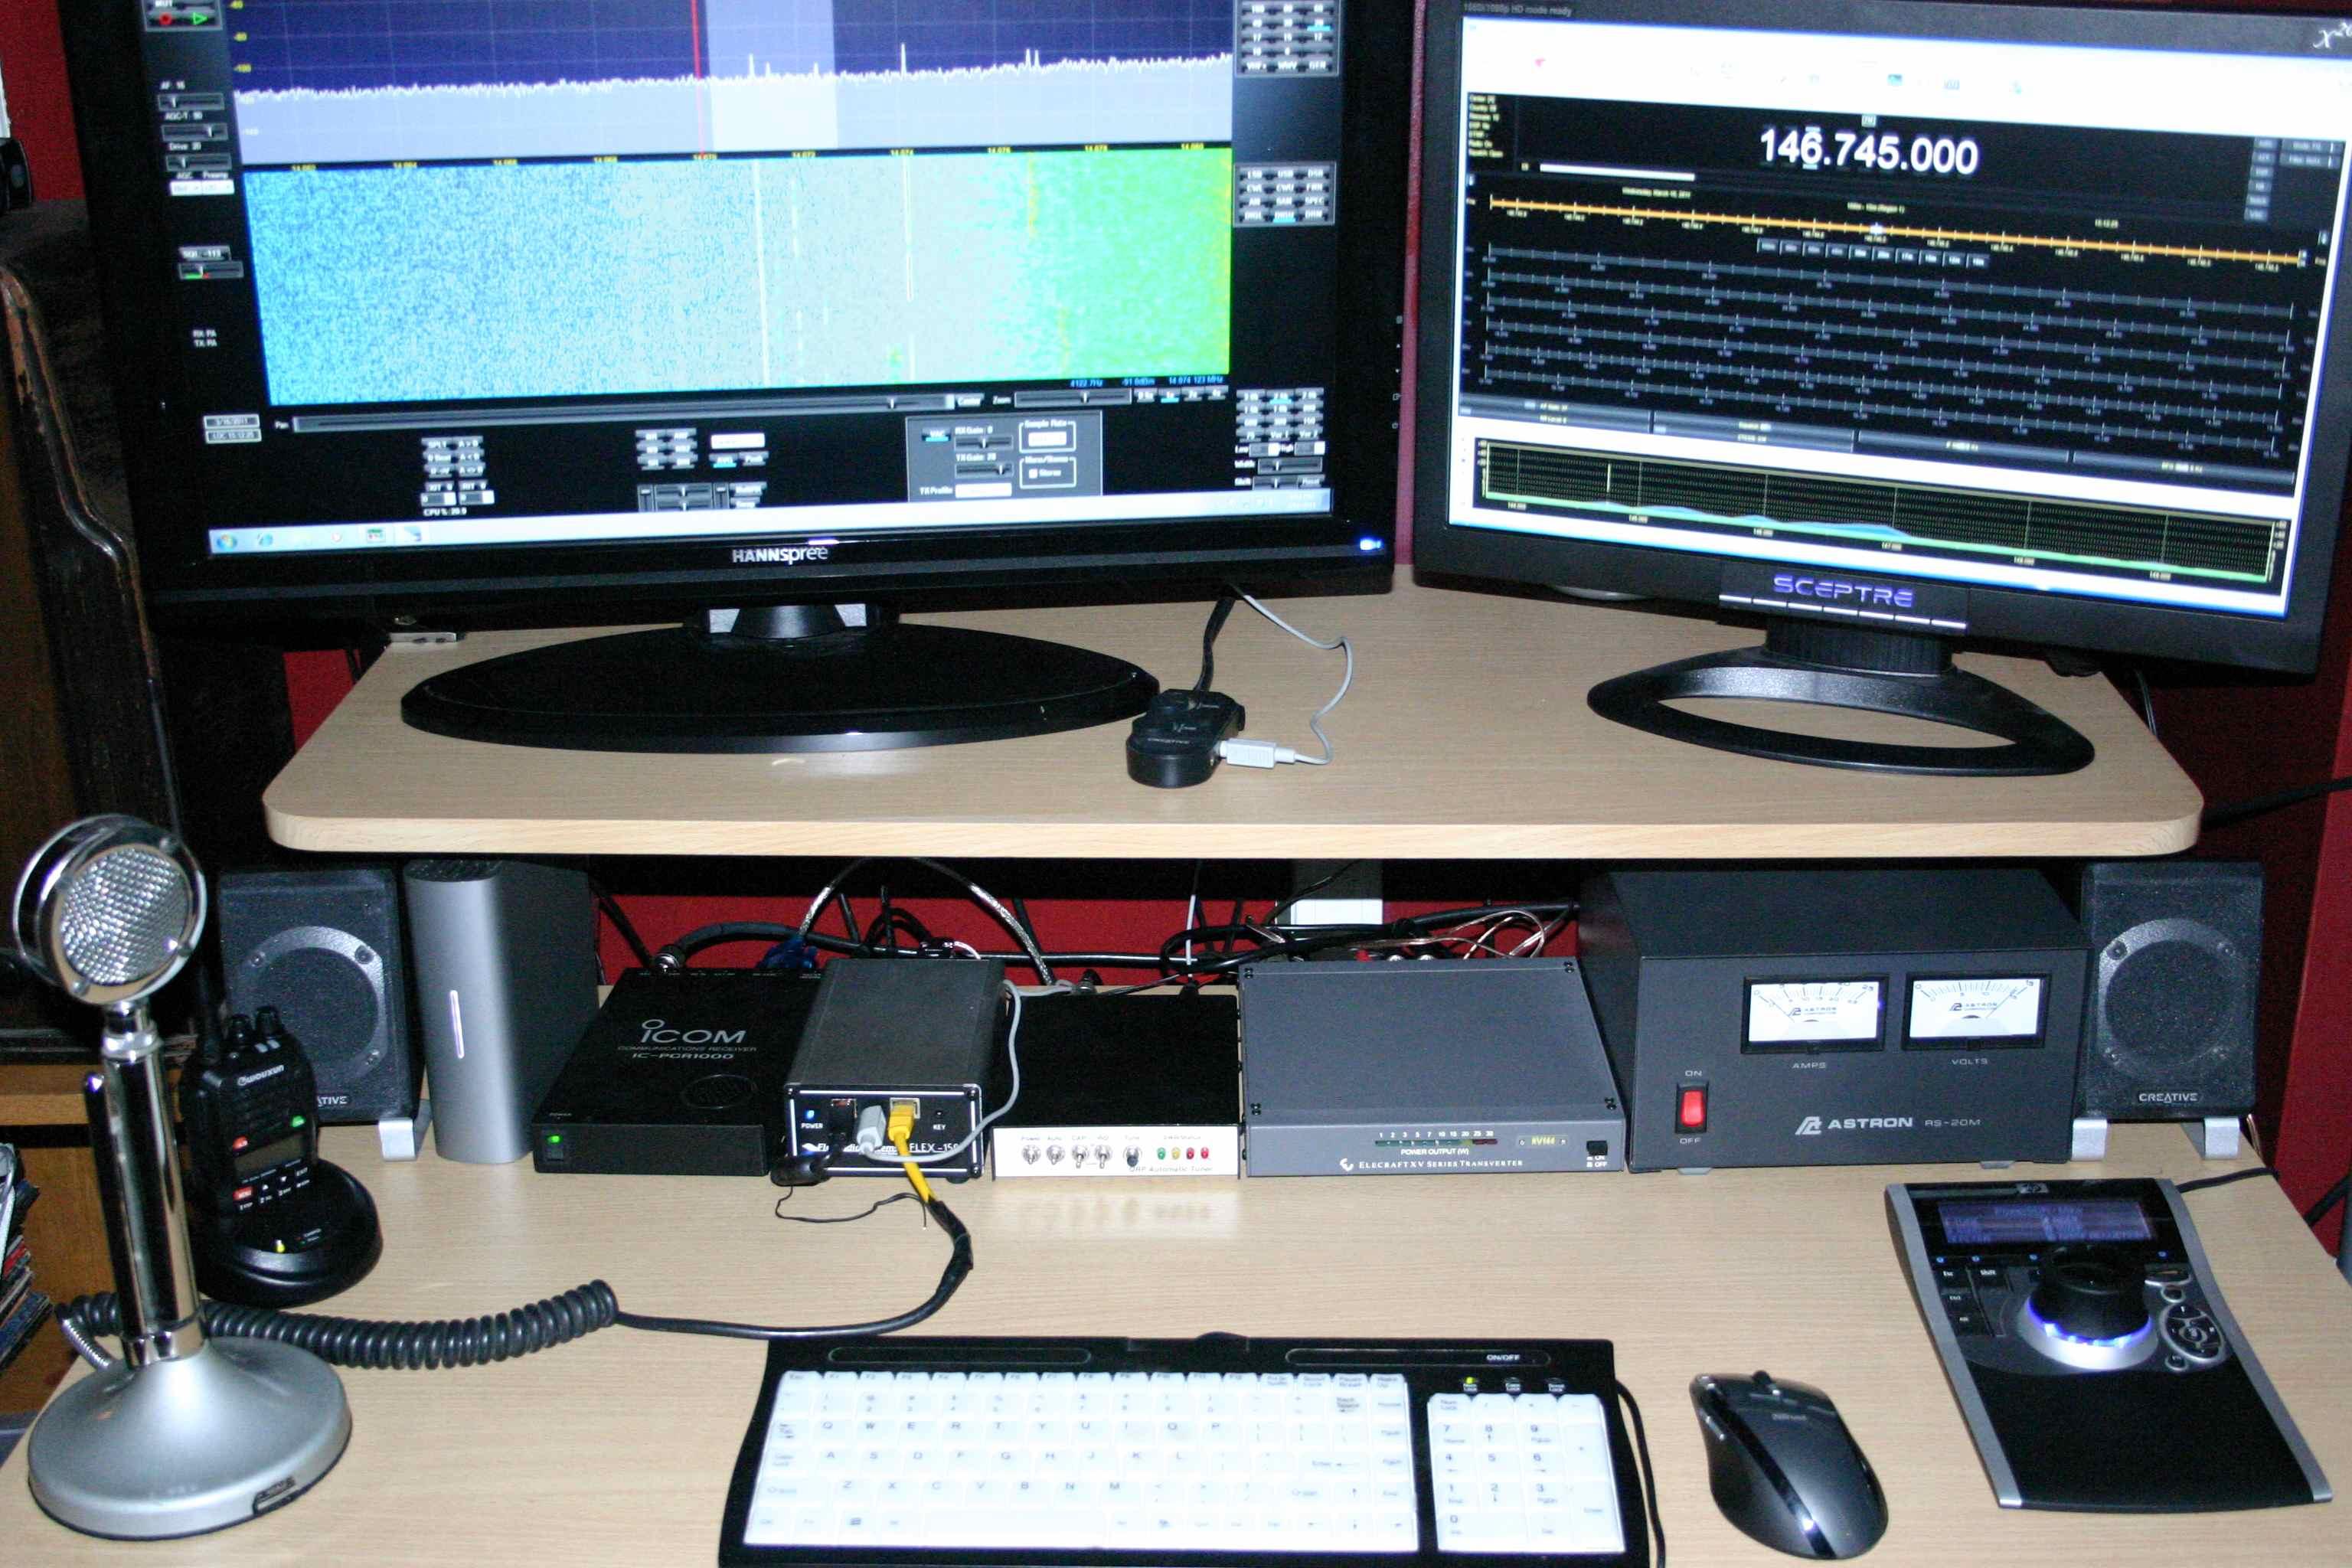 satellite Amateur equipment radio